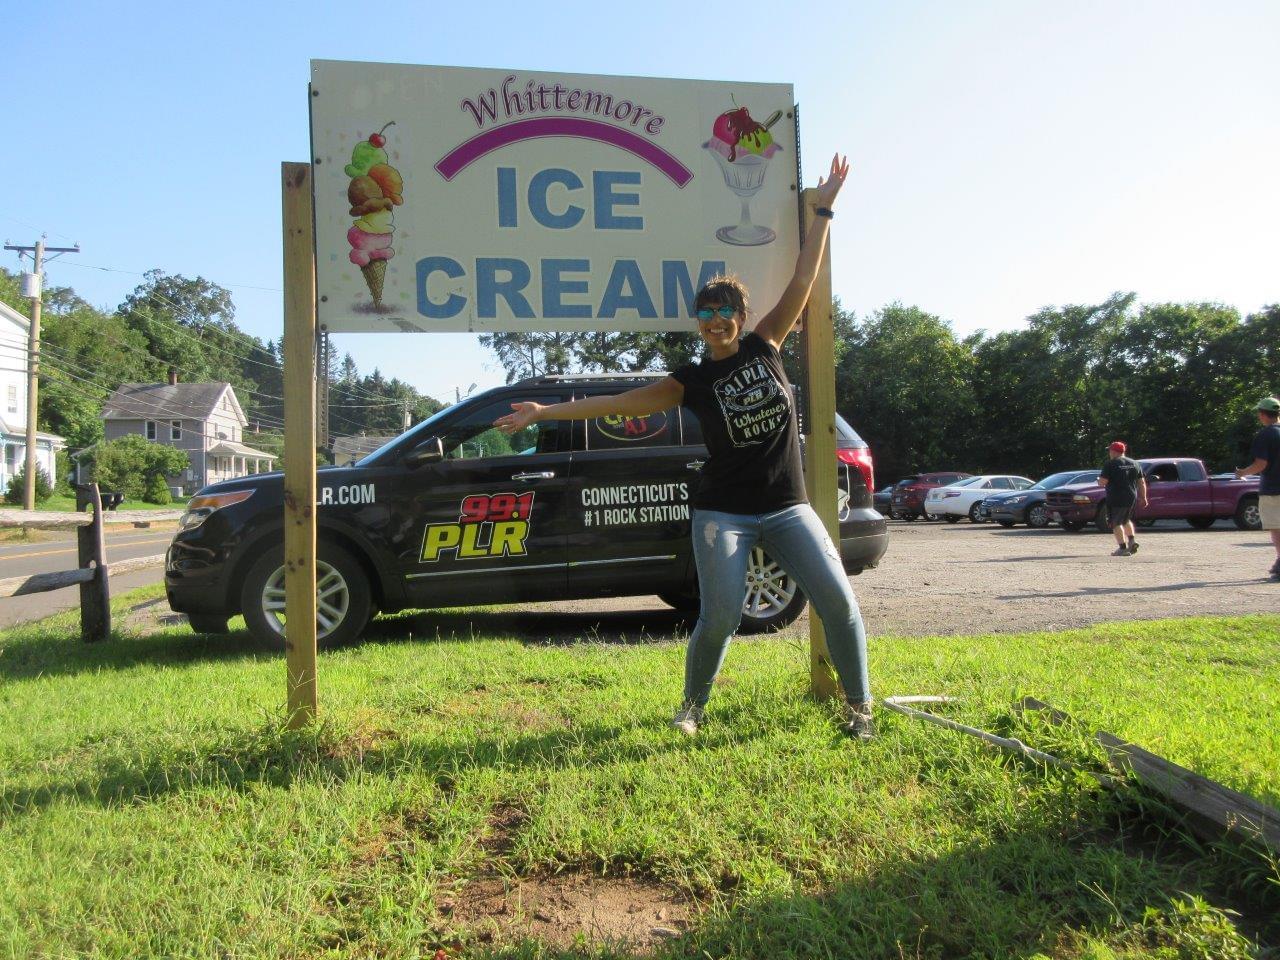 Shakers Hyundai Shakes the Valley at Whittmore's Ice Cream 8/8/19